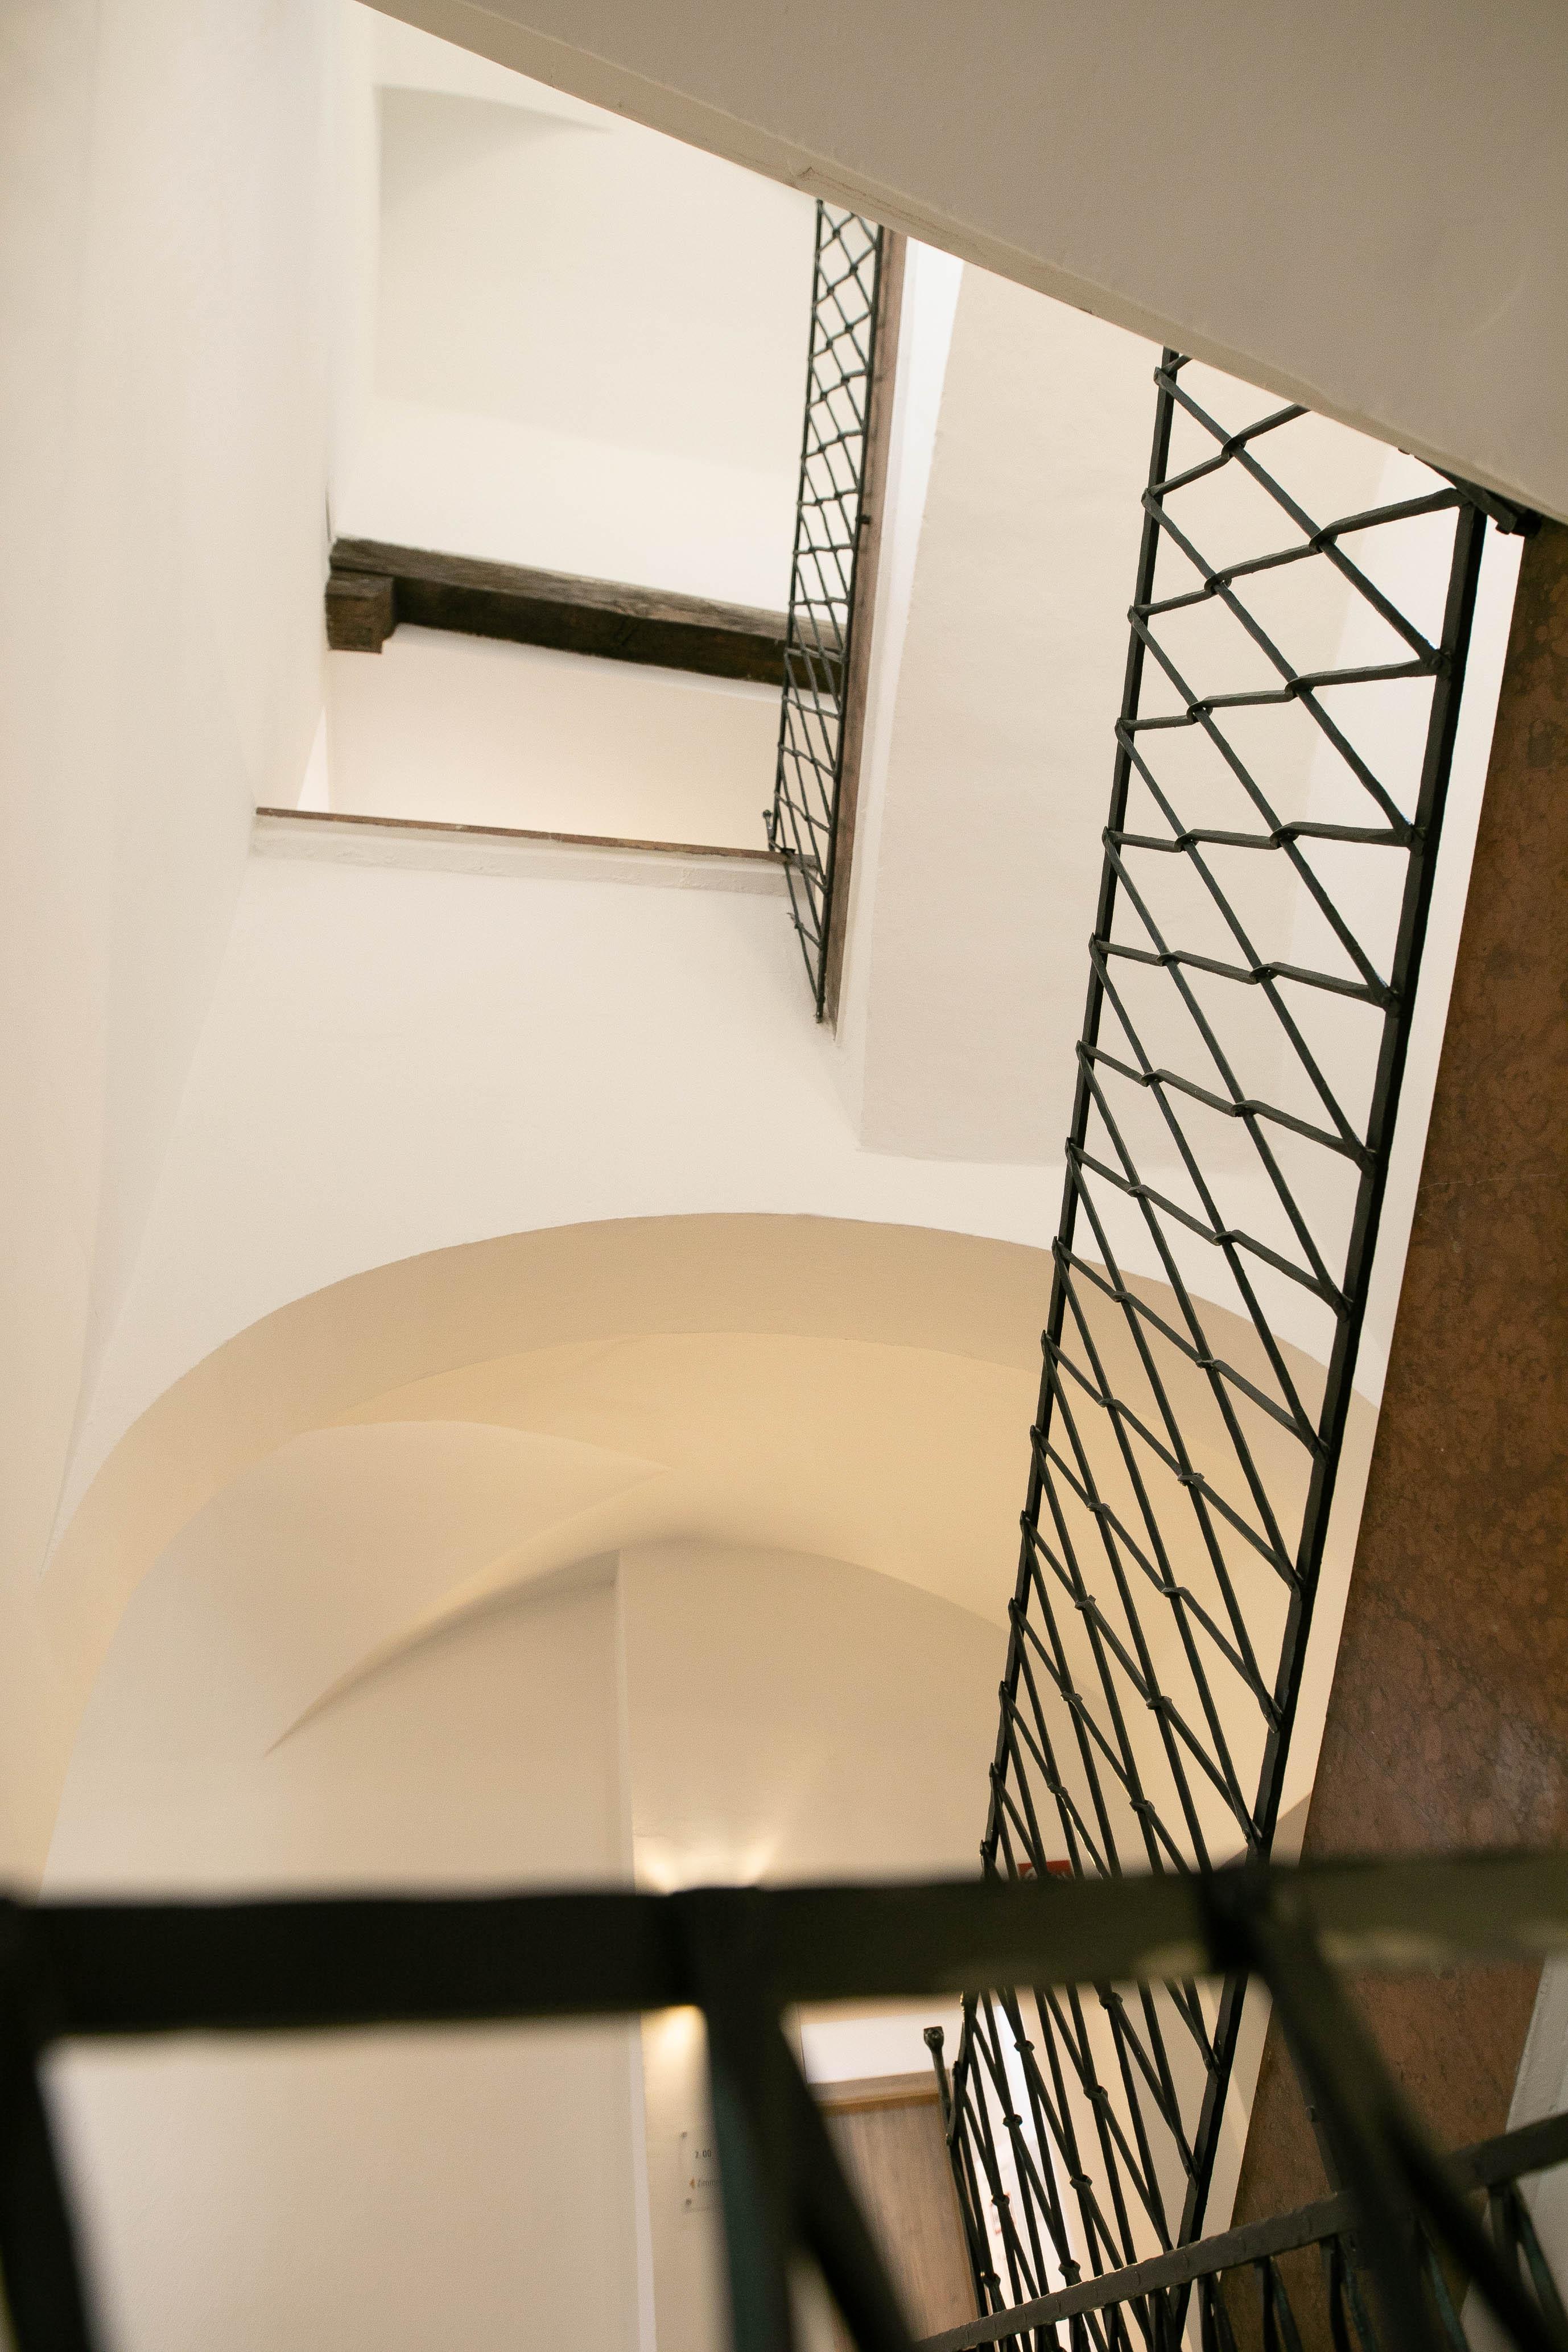 Neu renoviertes Stiegenhaus. Hotel Elefant the family Business, Getreidegasse 1, Salzburg, ©www.wildbild.at